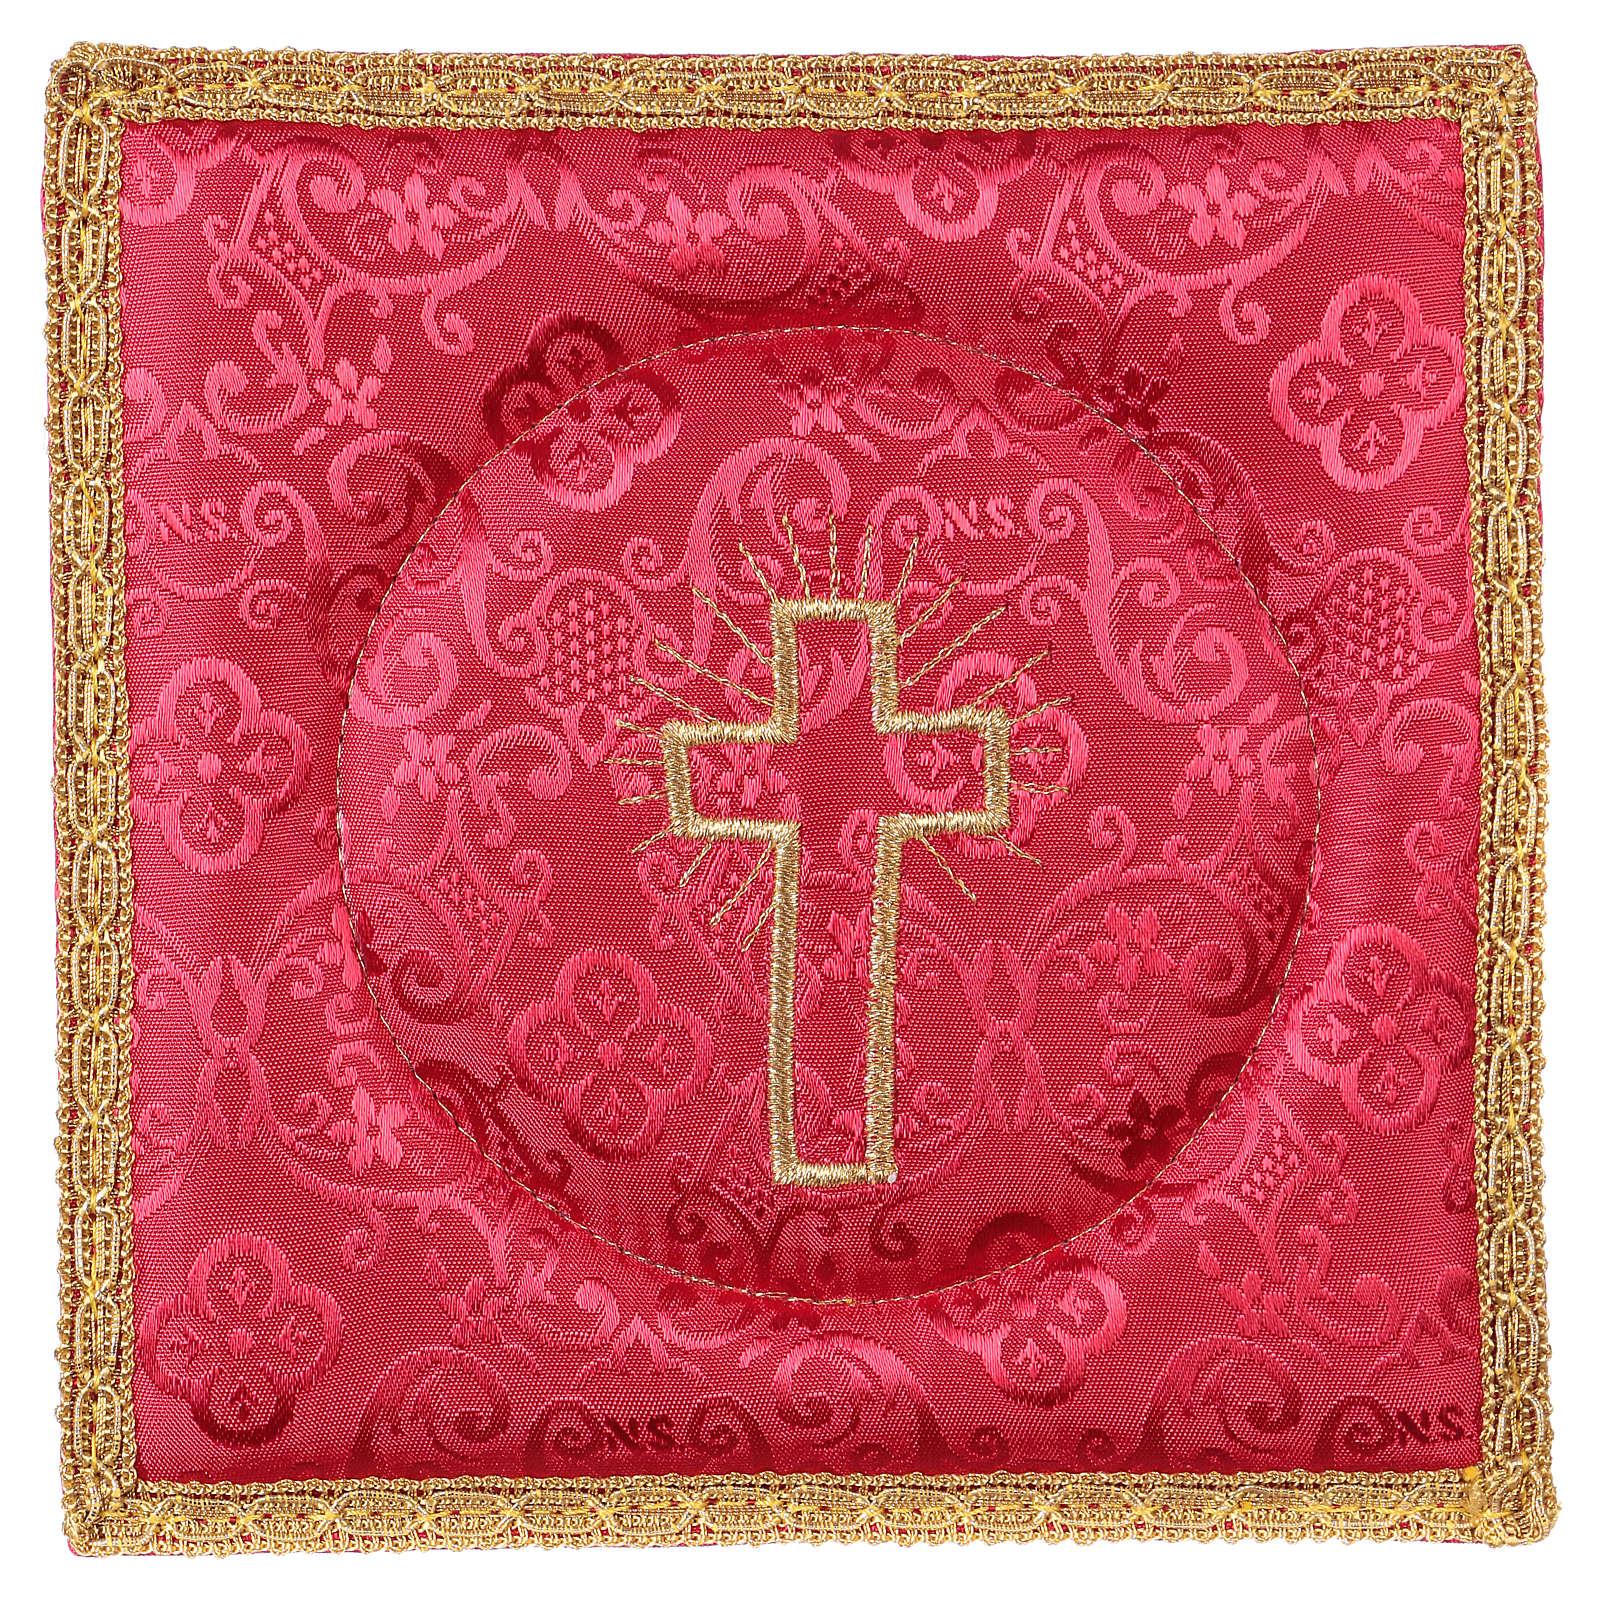 Cubre cáliz rígido cruz bordada en adamascado rojo 4